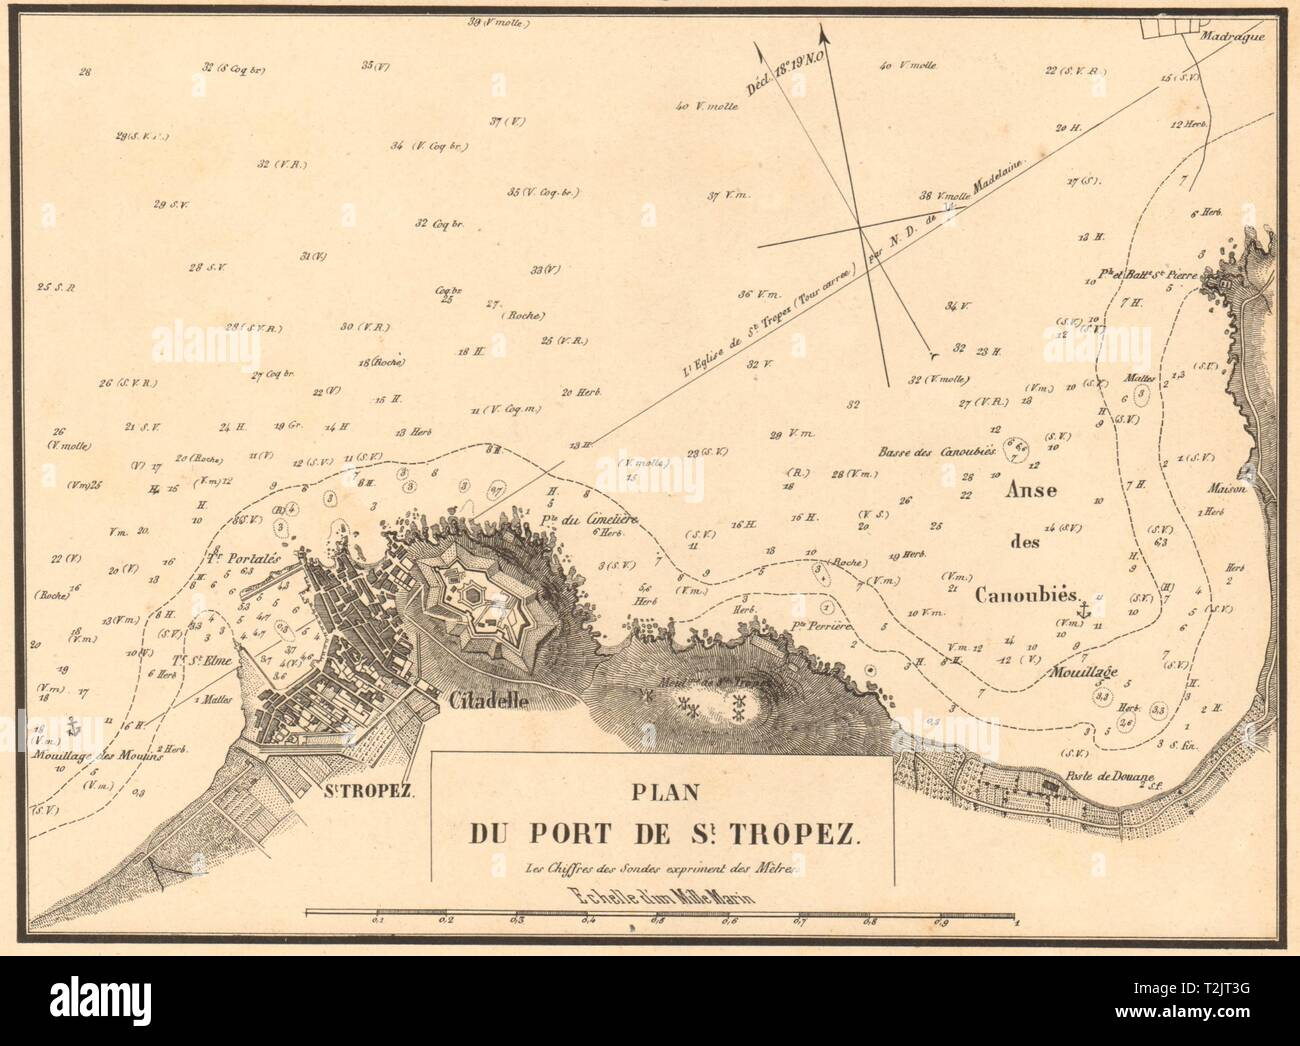 Plan du Port de St Tropez. Var. GAUTTIER 1851 old antique map chart - Stock Image